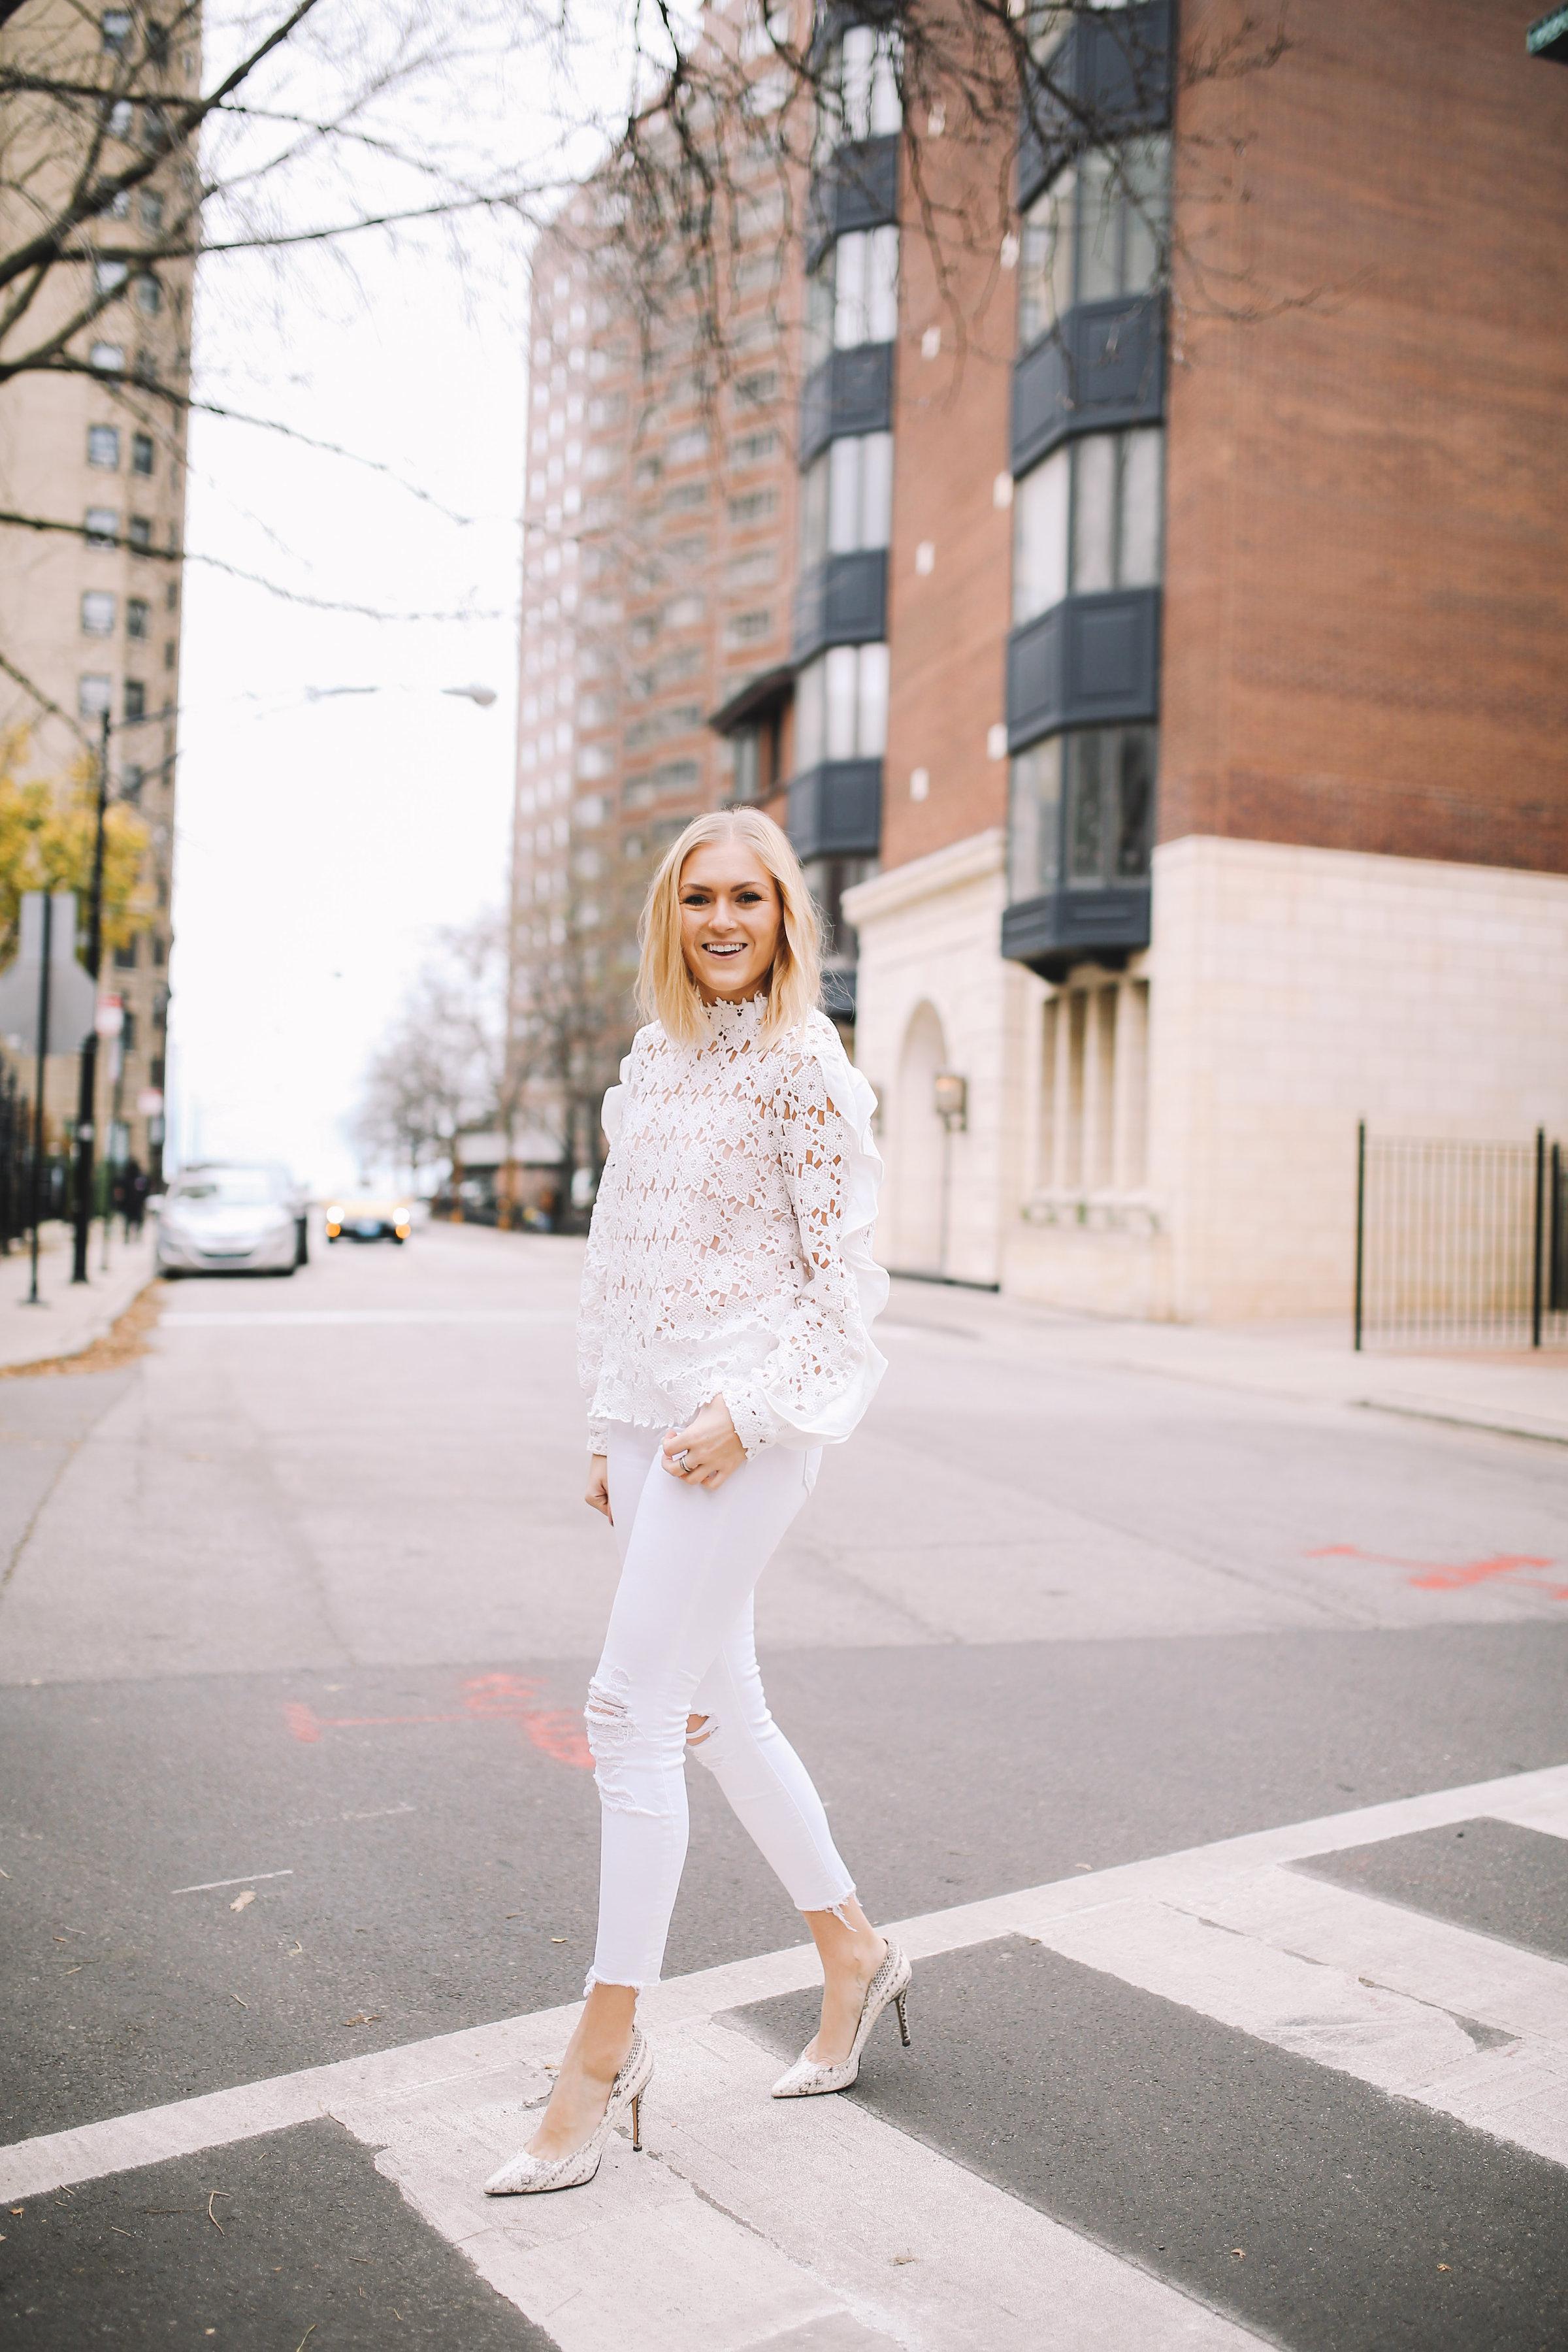 walking-in-winter-white